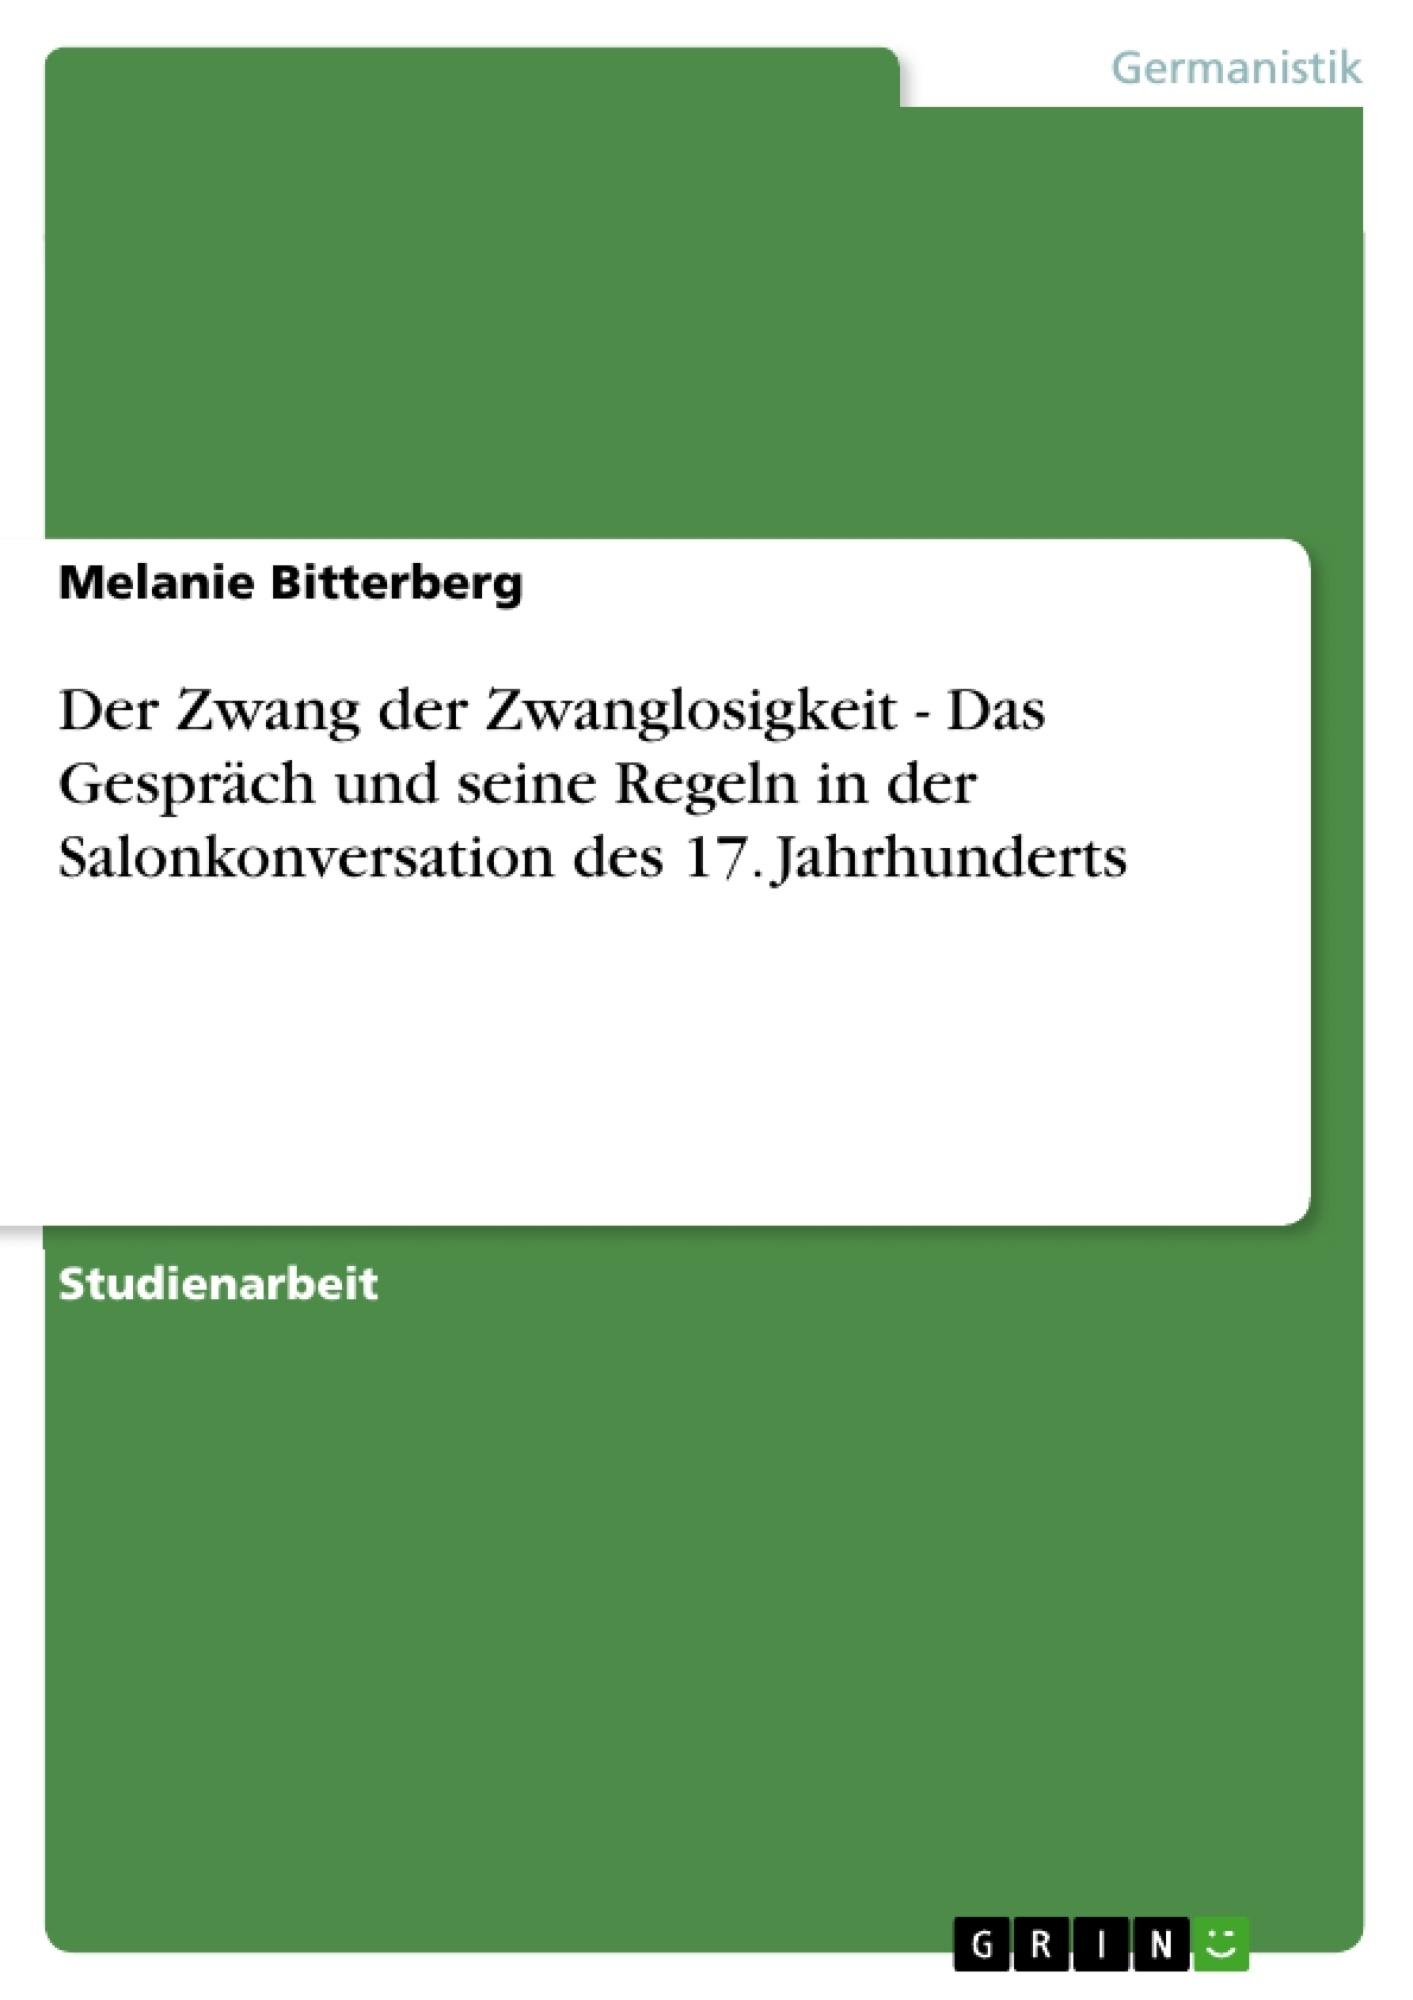 Titel: Der Zwang der Zwanglosigkeit - Das Gespräch und seine Regeln in der Salonkonversation des 17. Jahrhunderts